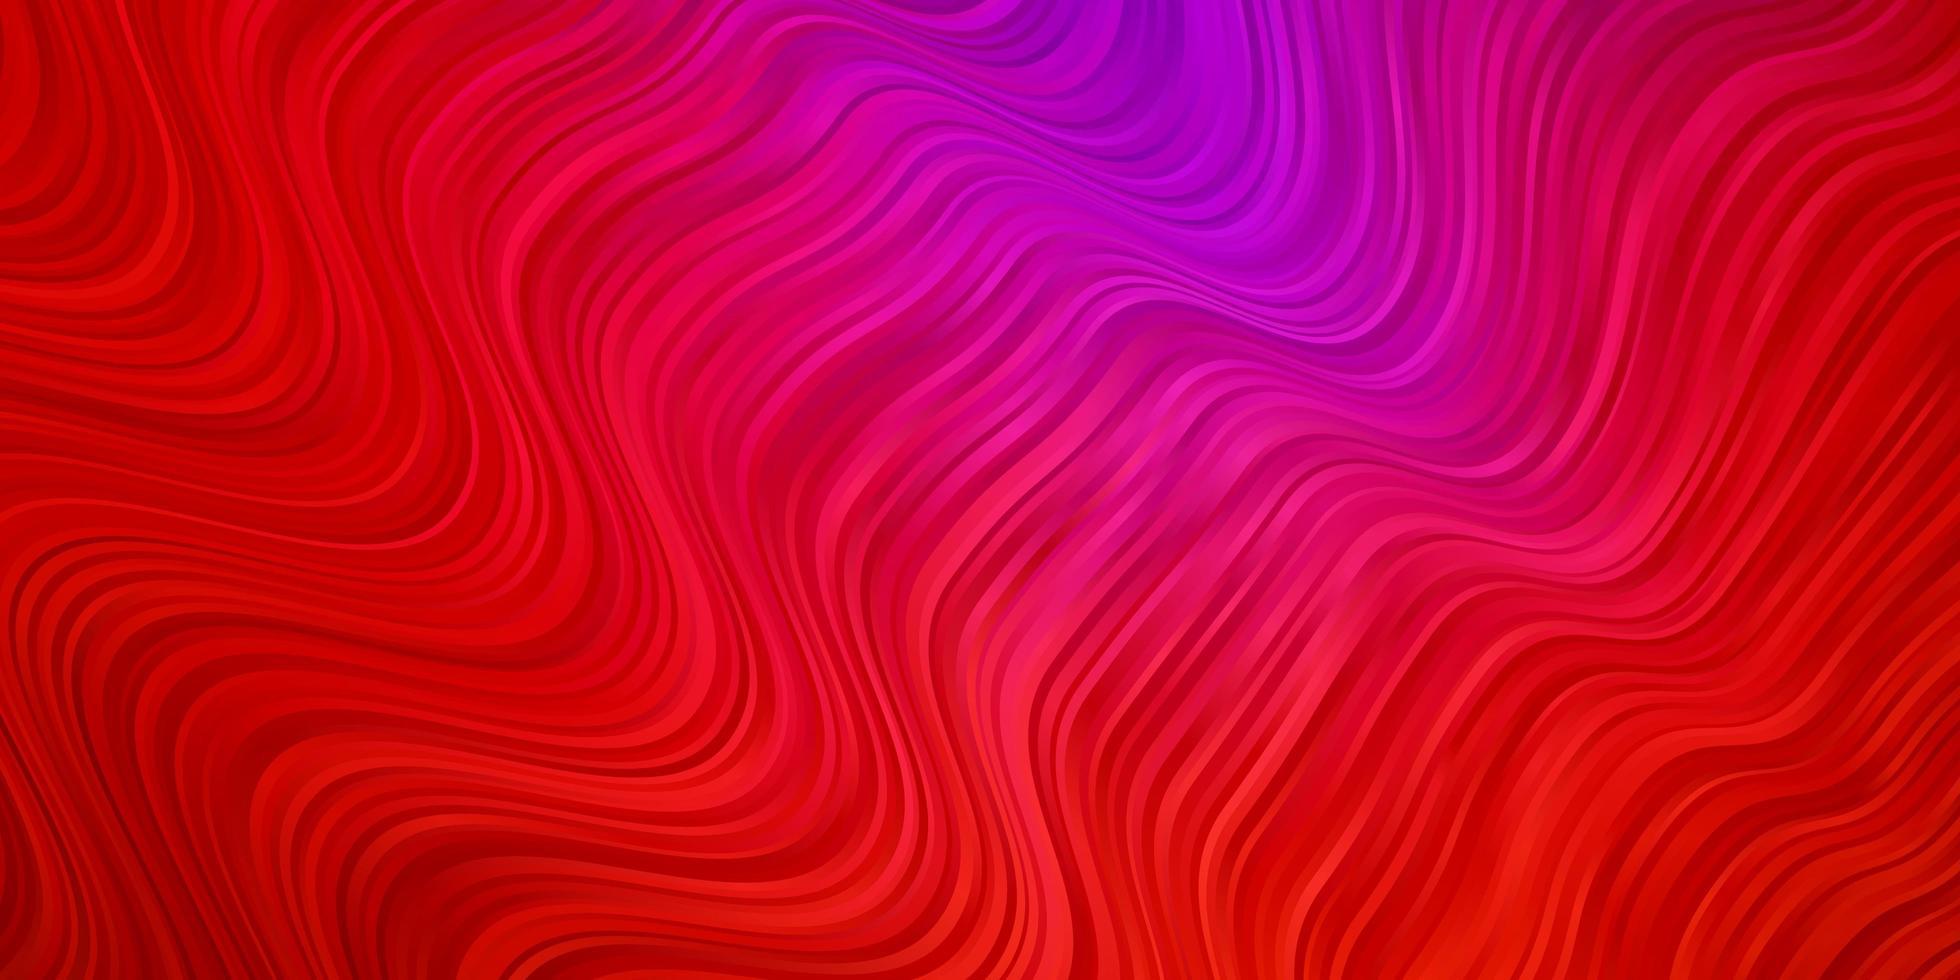 Fondo de vector de color rosa oscuro, rojo con arcos.